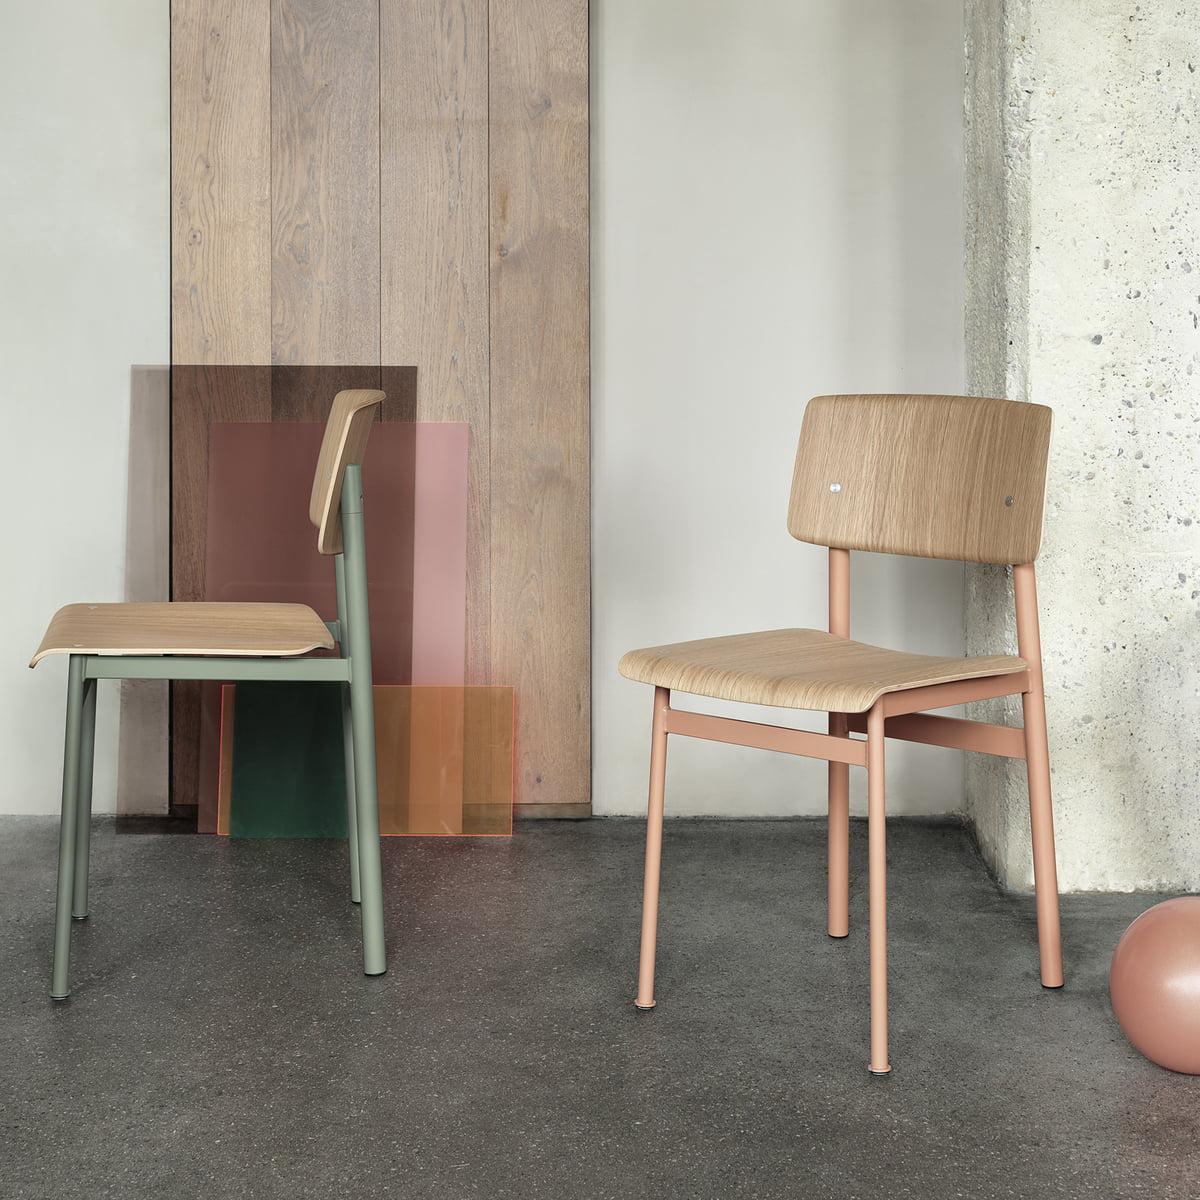 loft interieur mit schlichtem design bilder, loft chair | industrie-style | muuto | connox, Design ideen